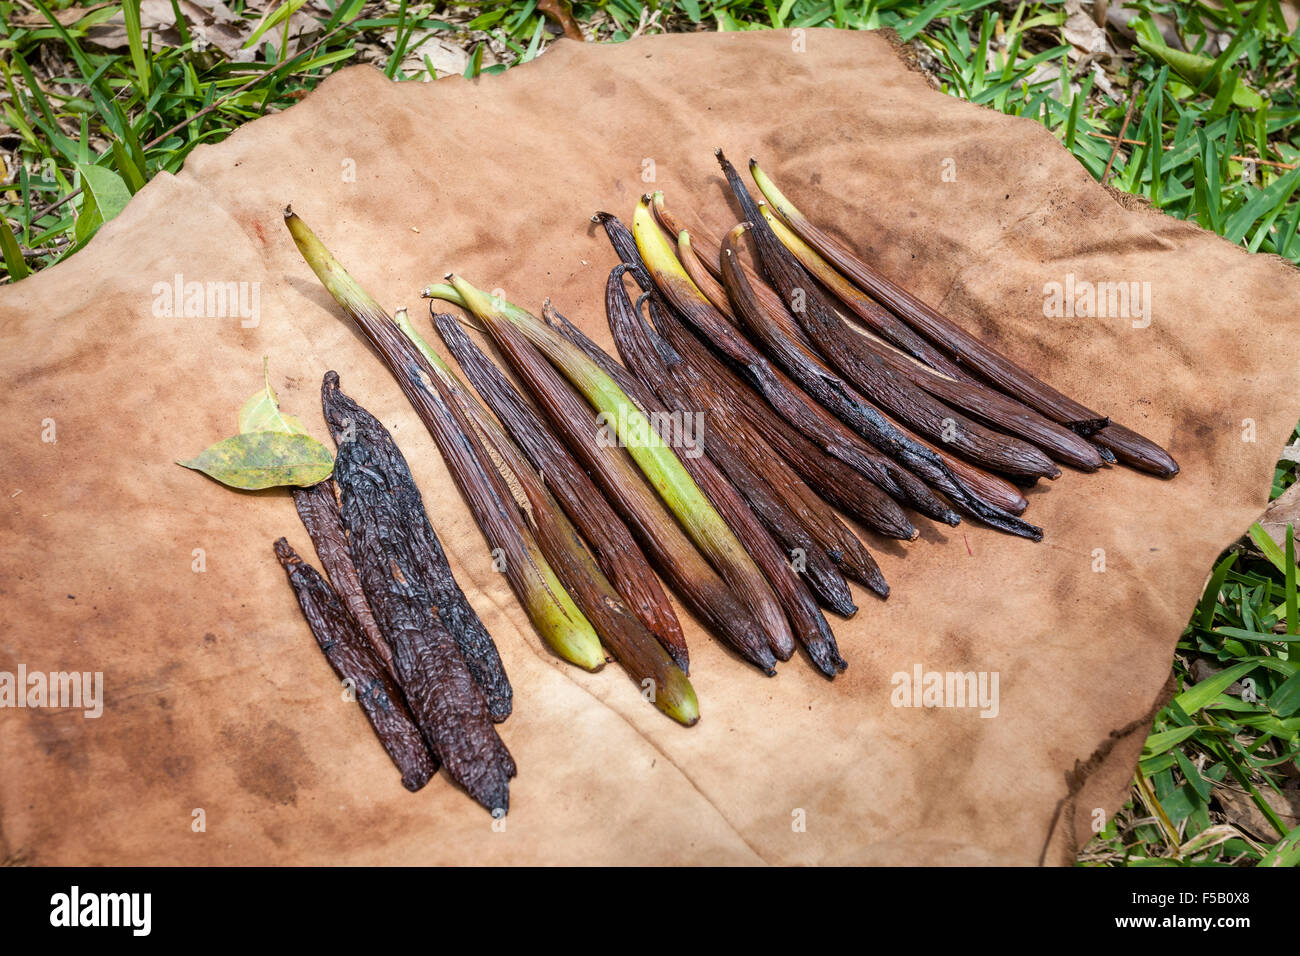 Vanilla pods dry in the sun in Papantla, Veracruz, Mexico. - Stock Image